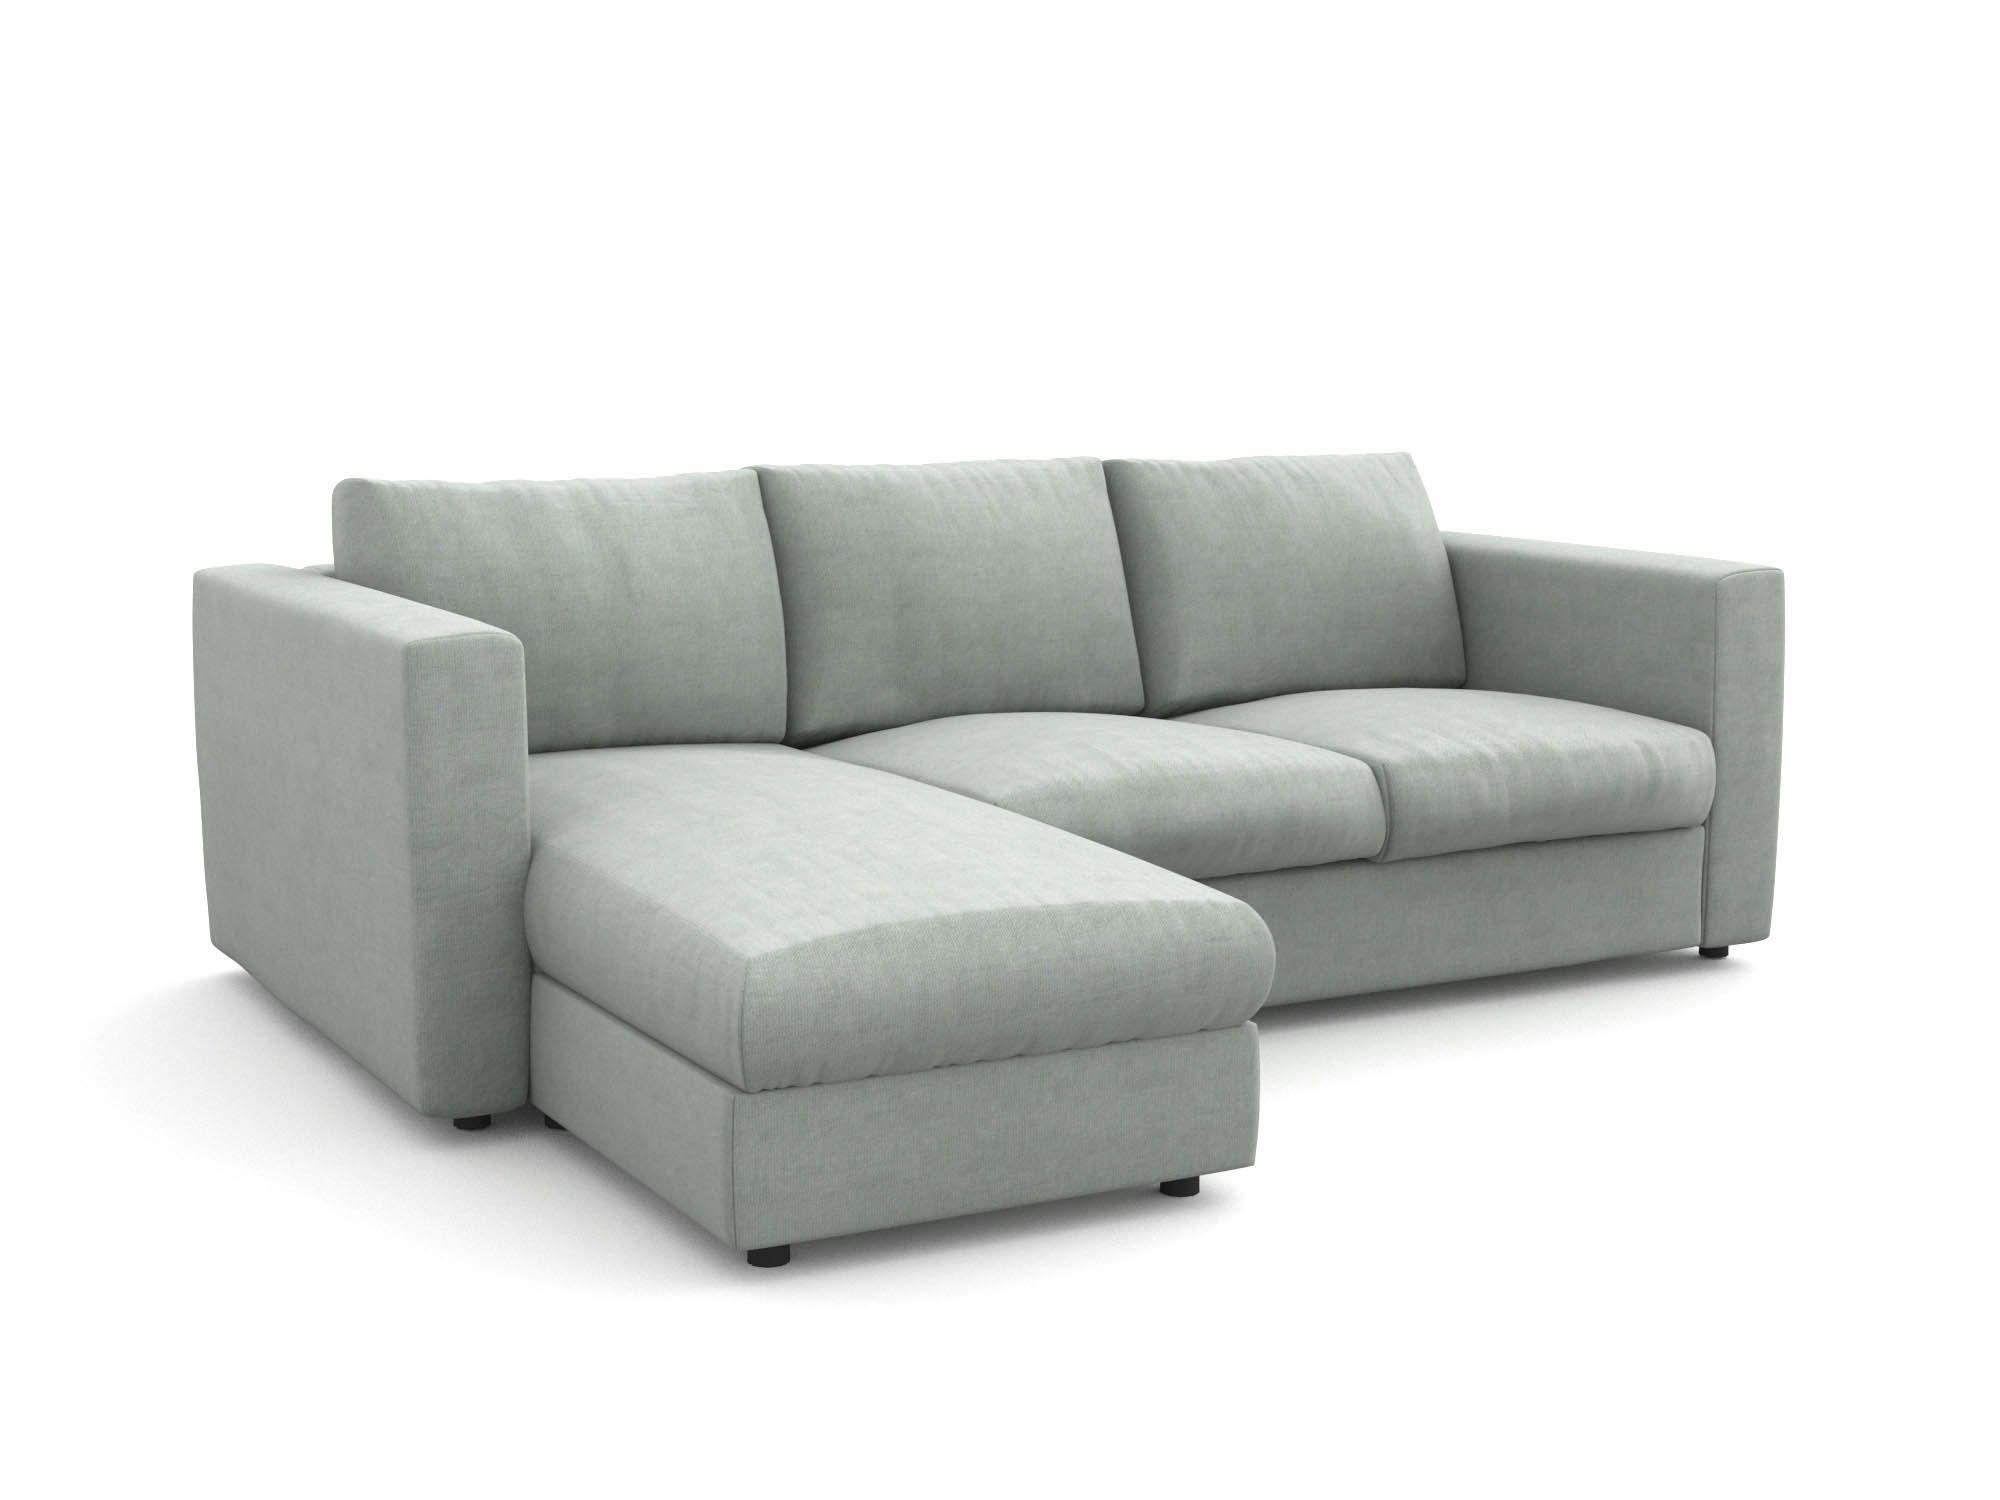 Vimle pokrowiec na sofę 3- osobową z szezlongiem